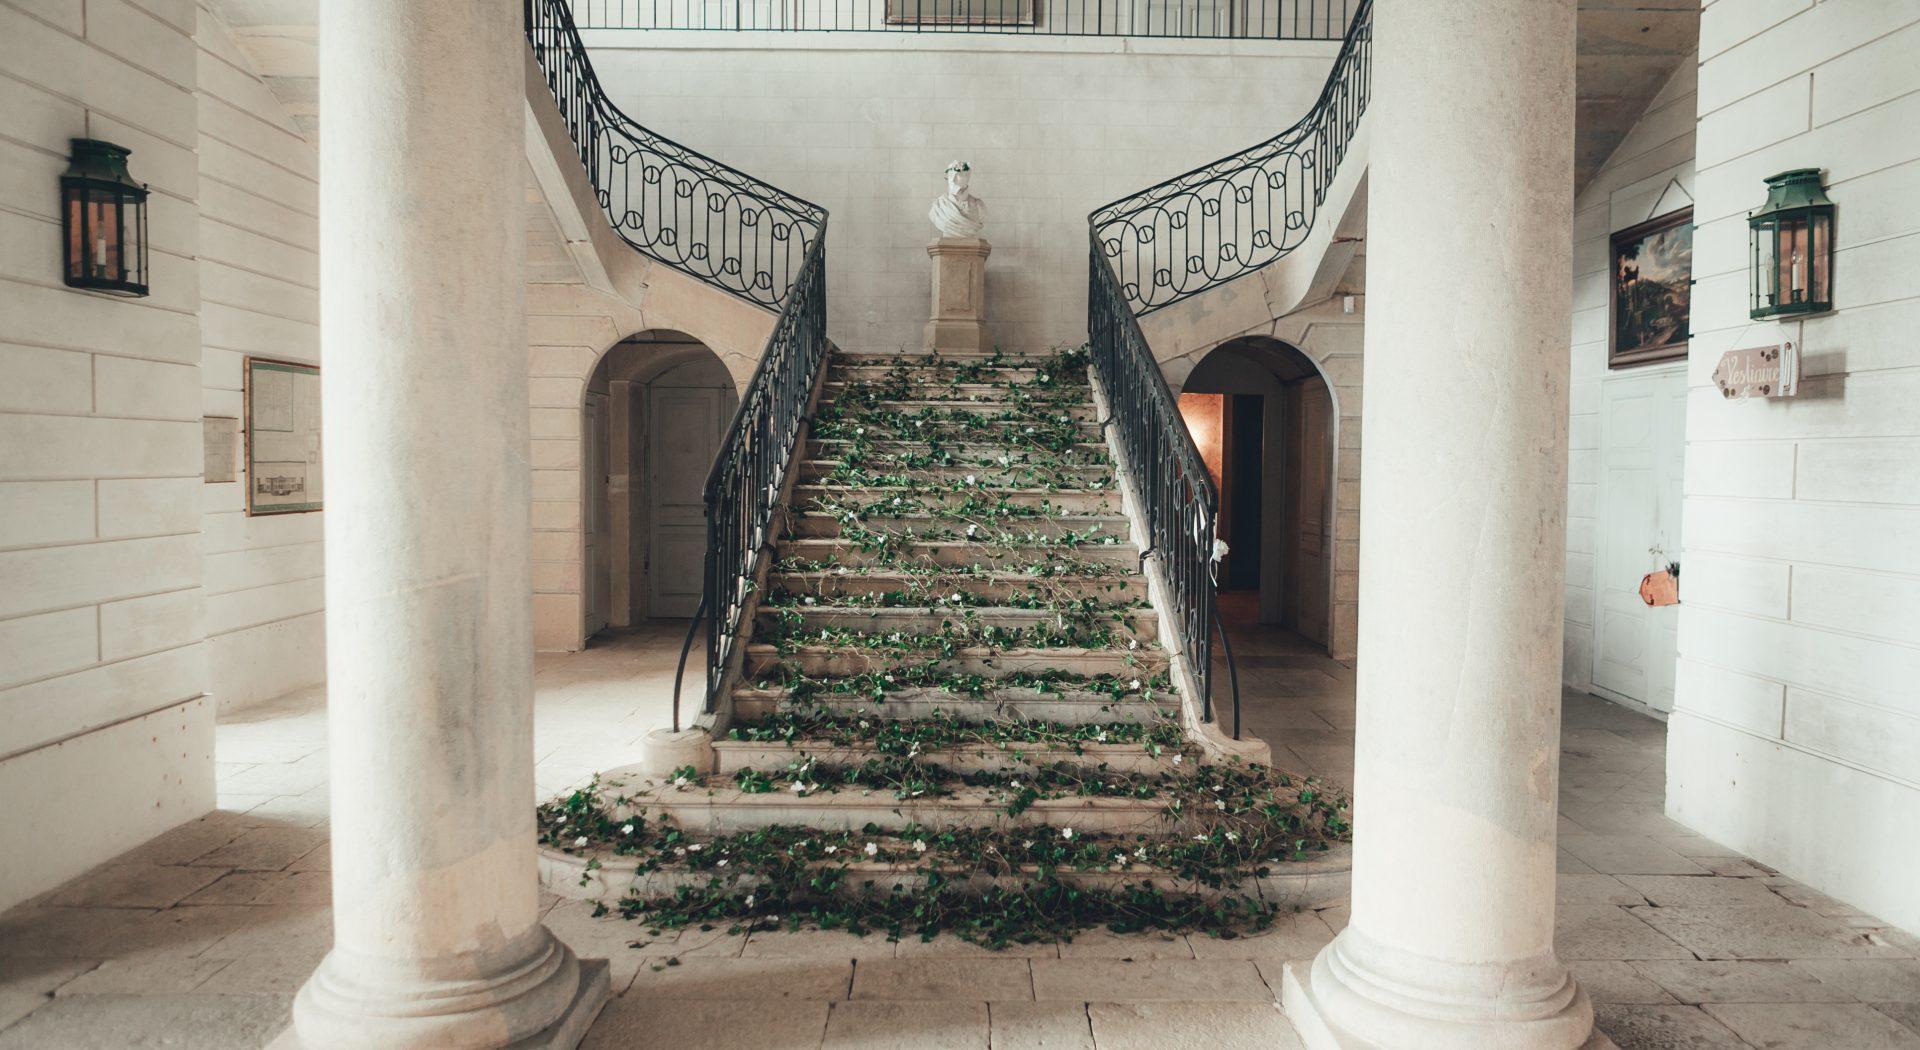 Un escalier et ses piliers d'époque, recouverts de lierre